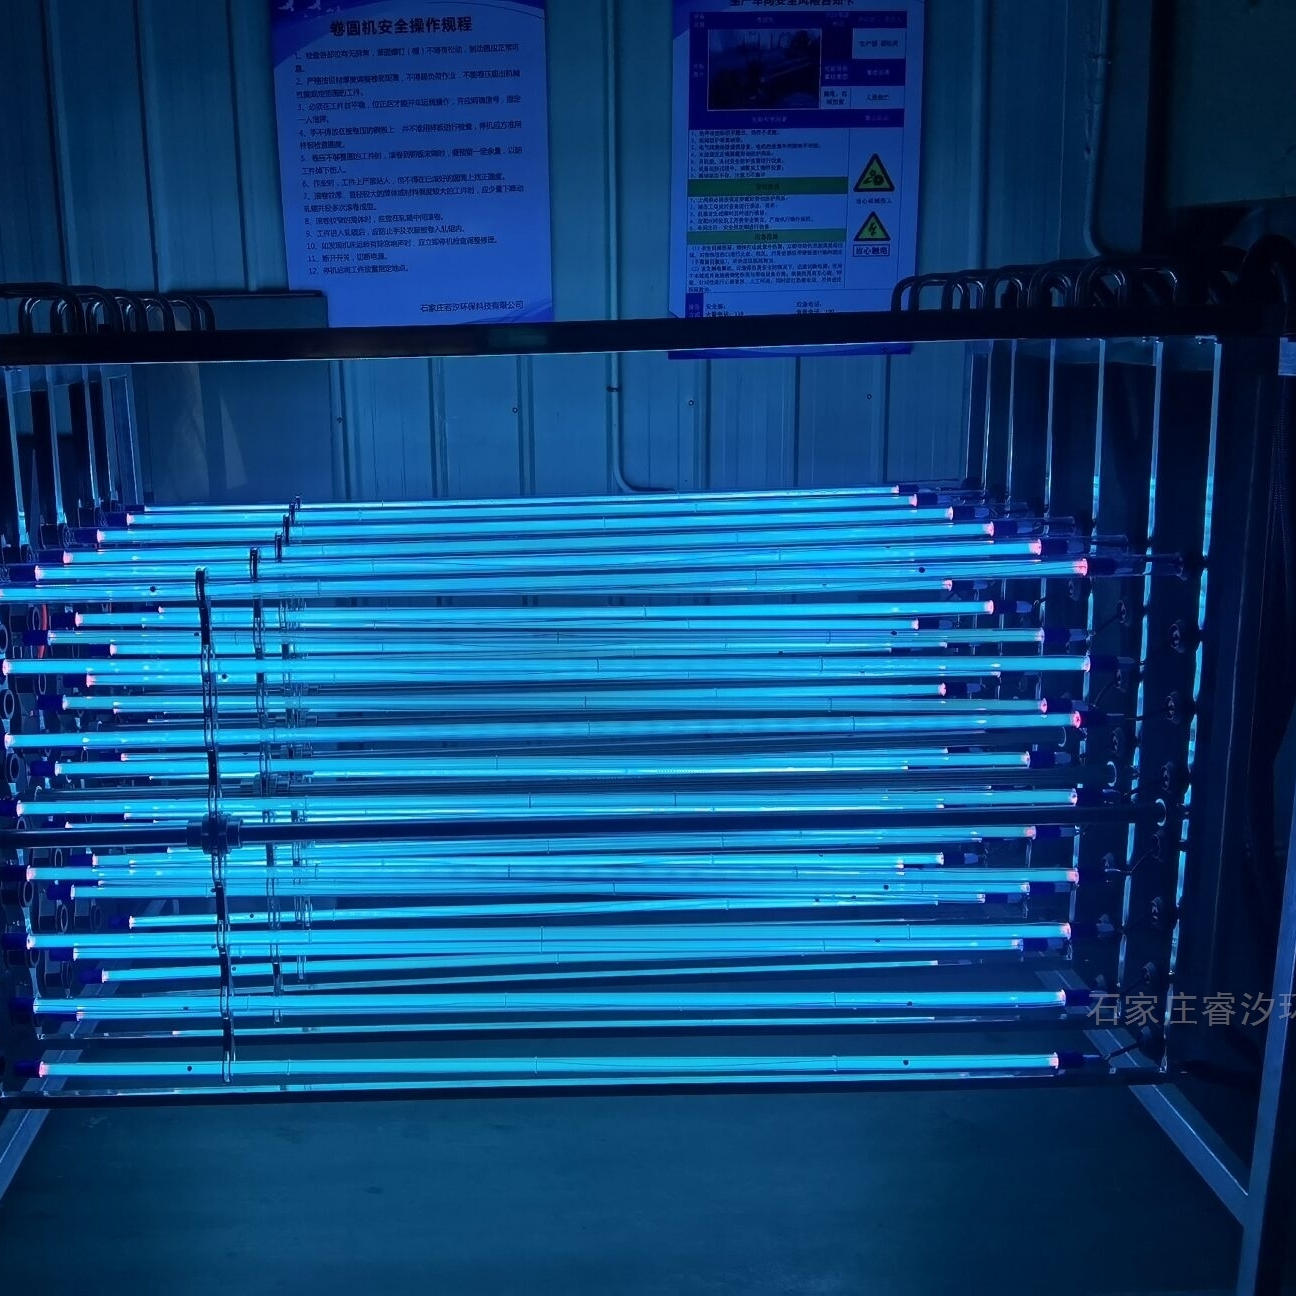 镇江明渠紫外线系统